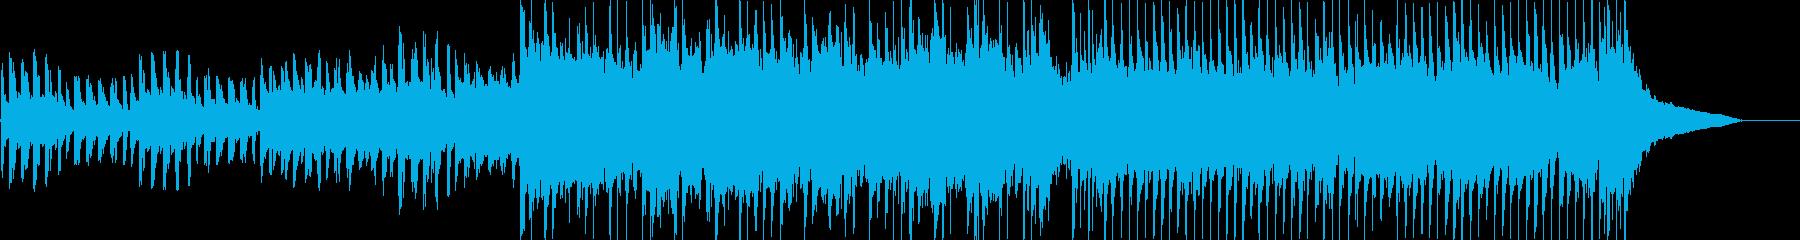 スマホCMで流れるような明るいポップス曲の再生済みの波形